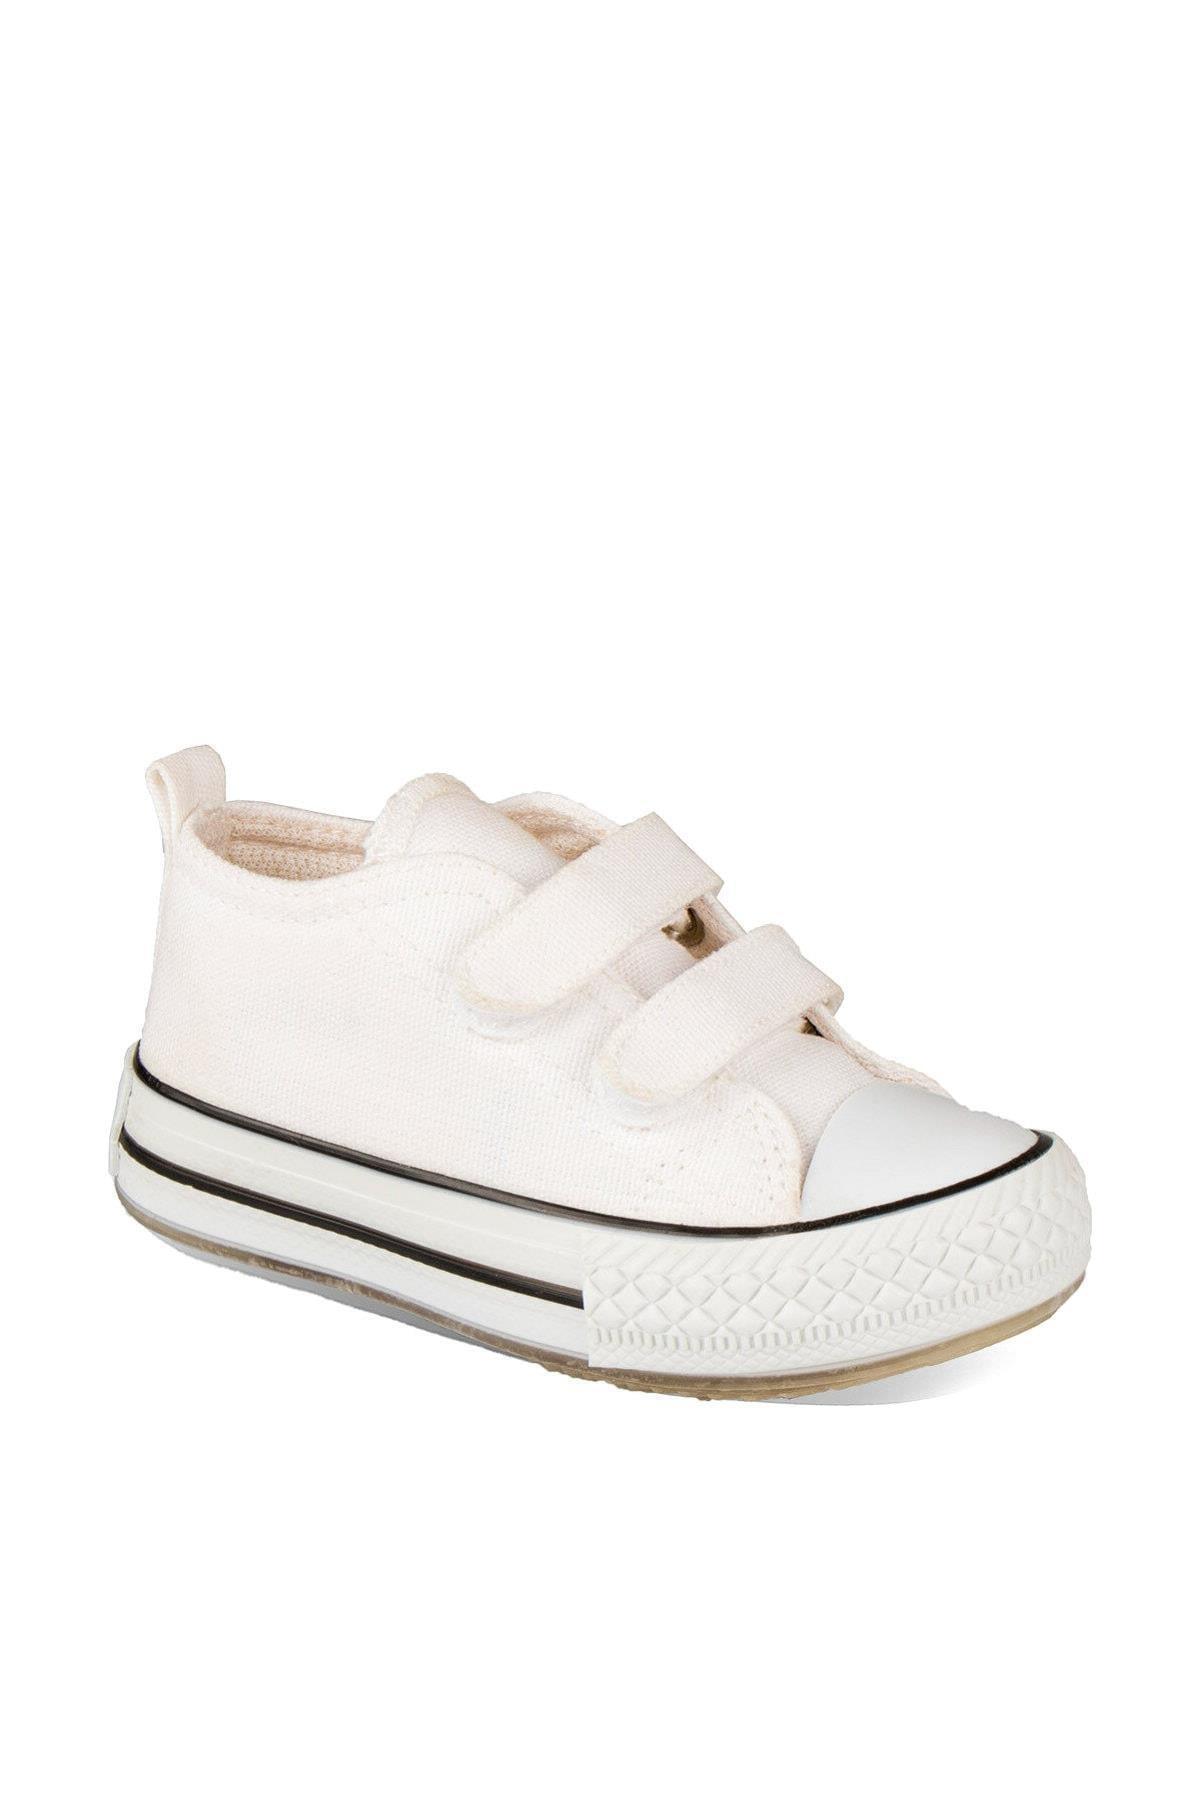 Vicco 925.P20Y.150 Beyaz Kız Çocuk Günlük Ayakkabı 100578818 1